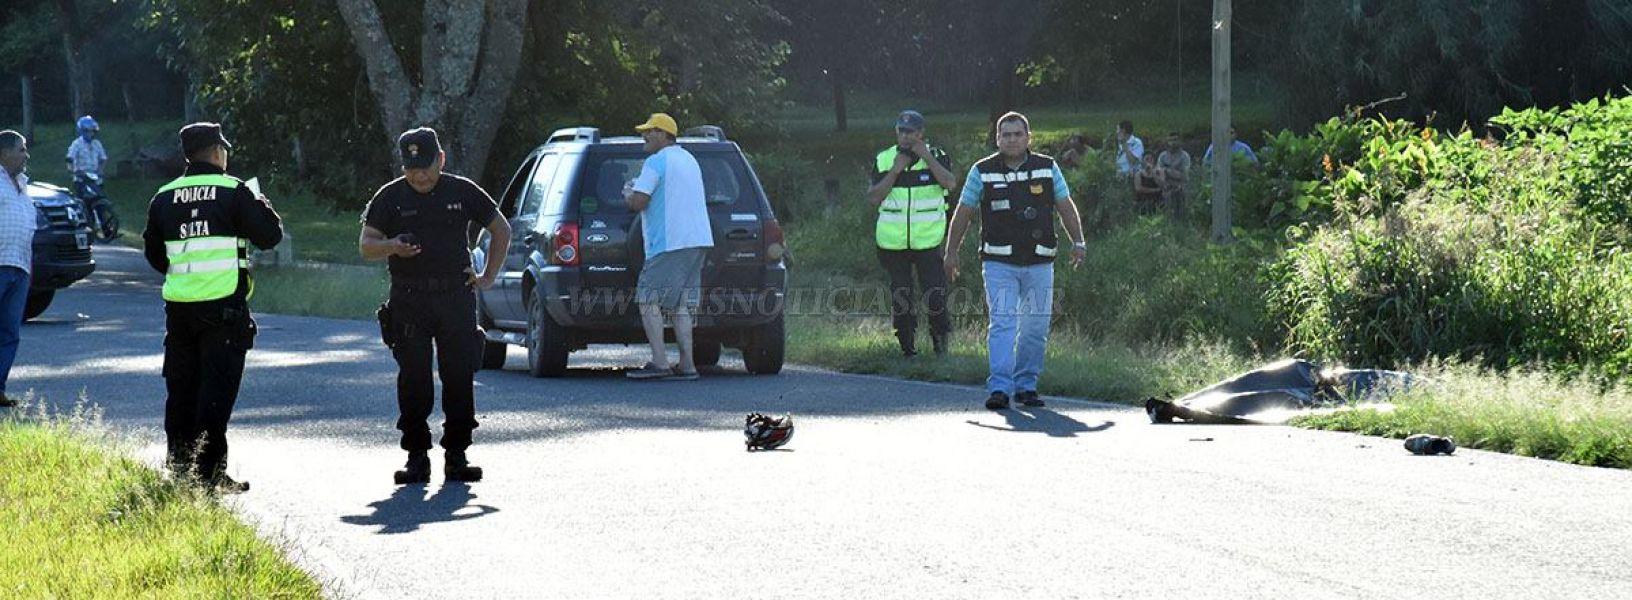 El cuerpo inerte del ciclista Marcelo Pedroza, yace sin vida en el lugar del accidente.